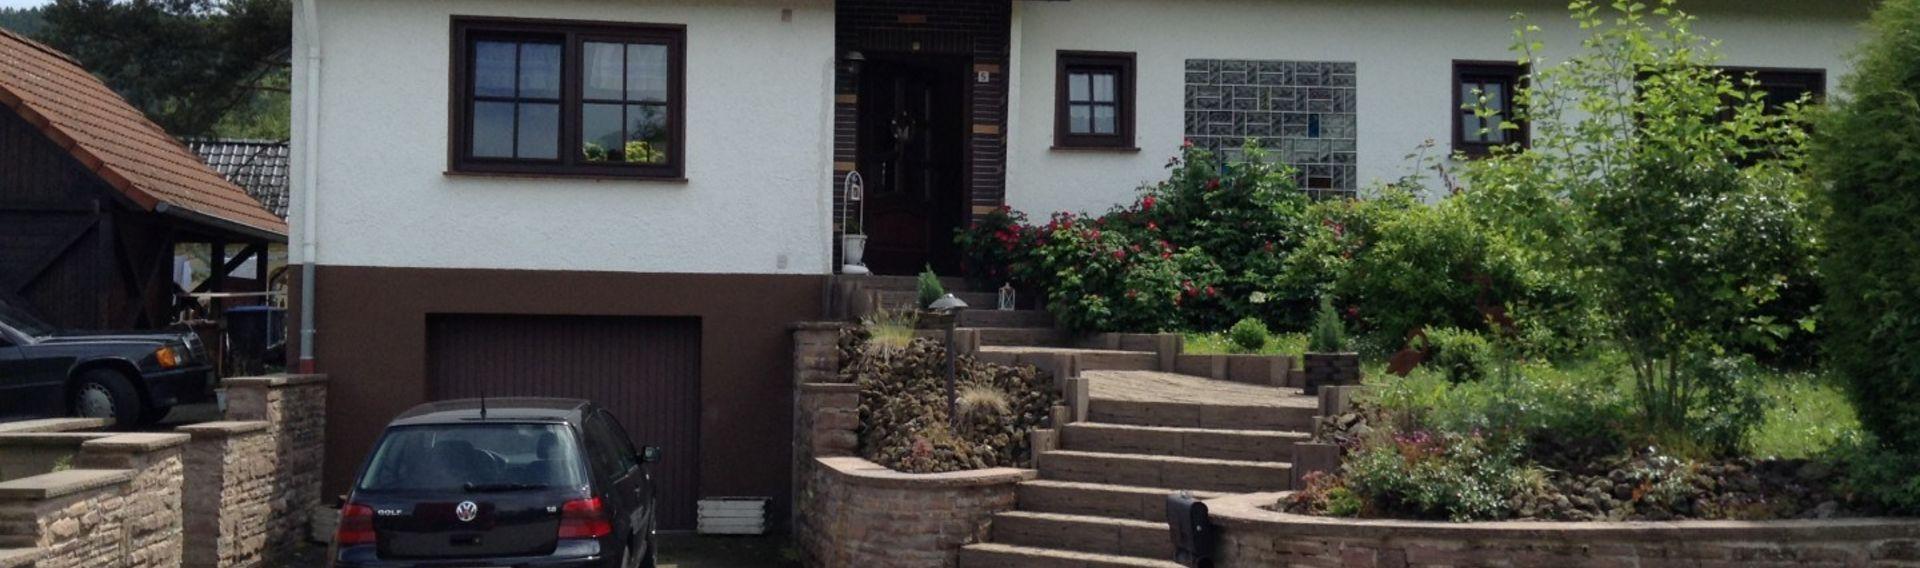 Urlaub in der Vulkaneifel mit Hund – Ferienhaus und Bungalow